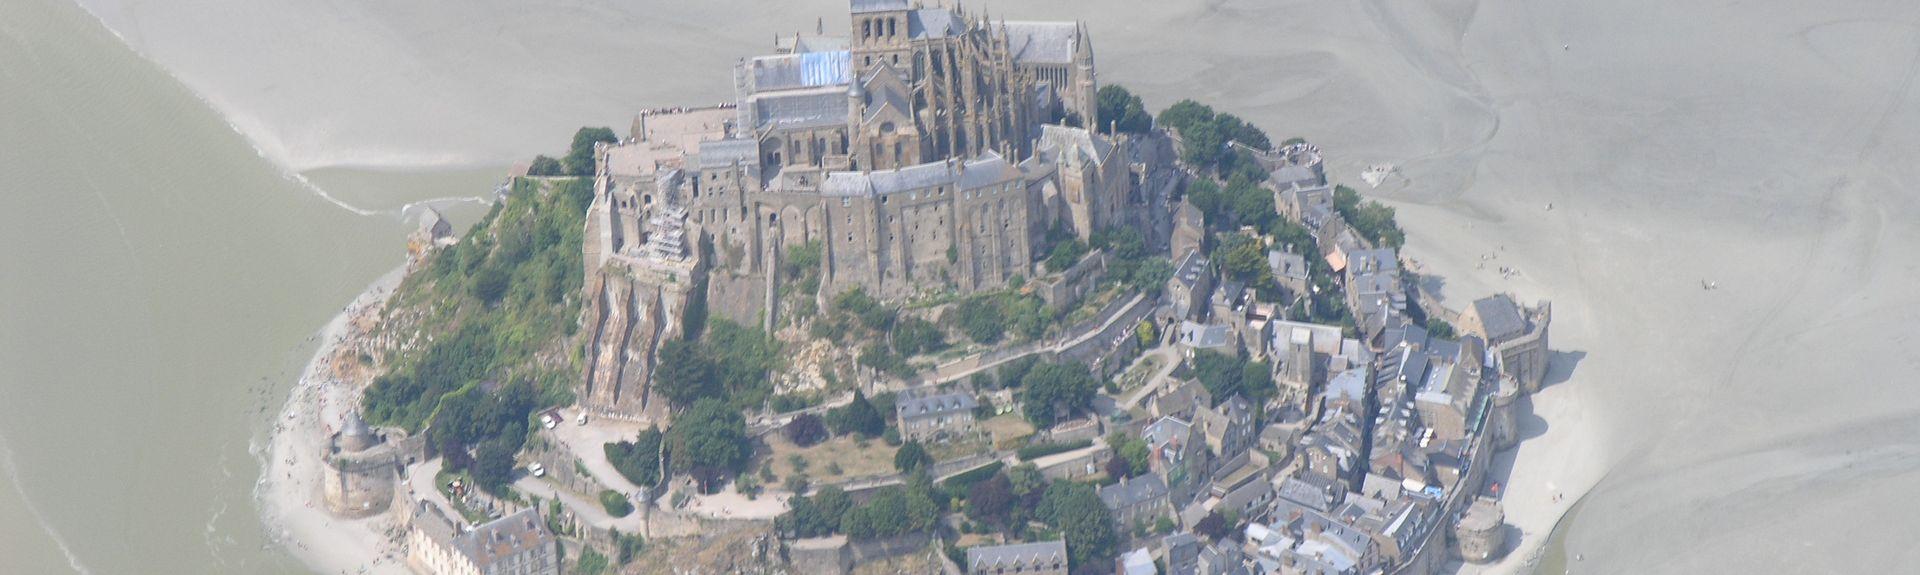 Saint-Georges-de-Reintembault, France